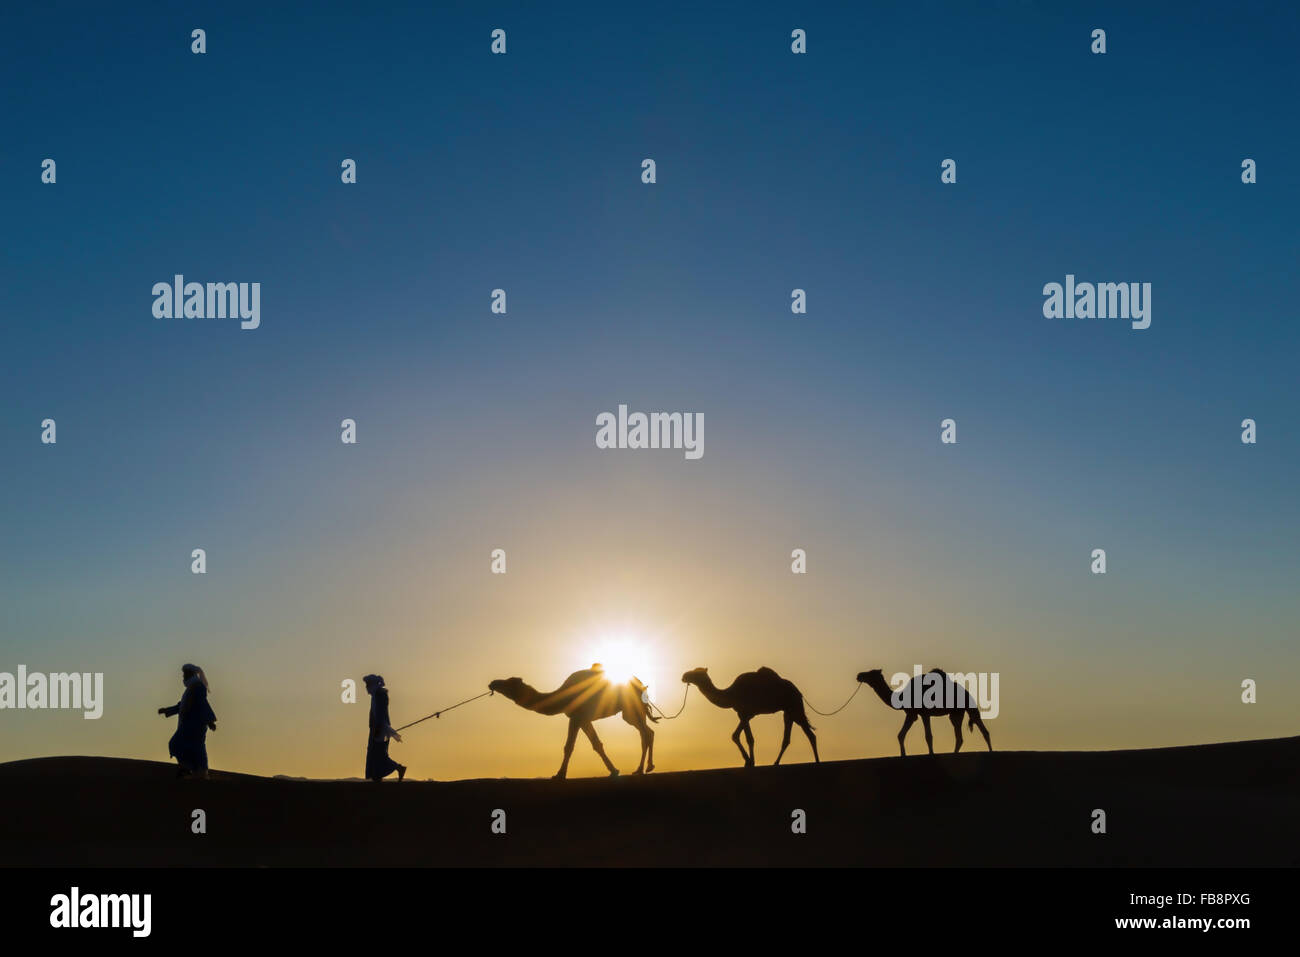 Les nomades avec des dromadaires (chameaux) au lever du soleil dans le désert du Sahara du Maroc. Photo Stock